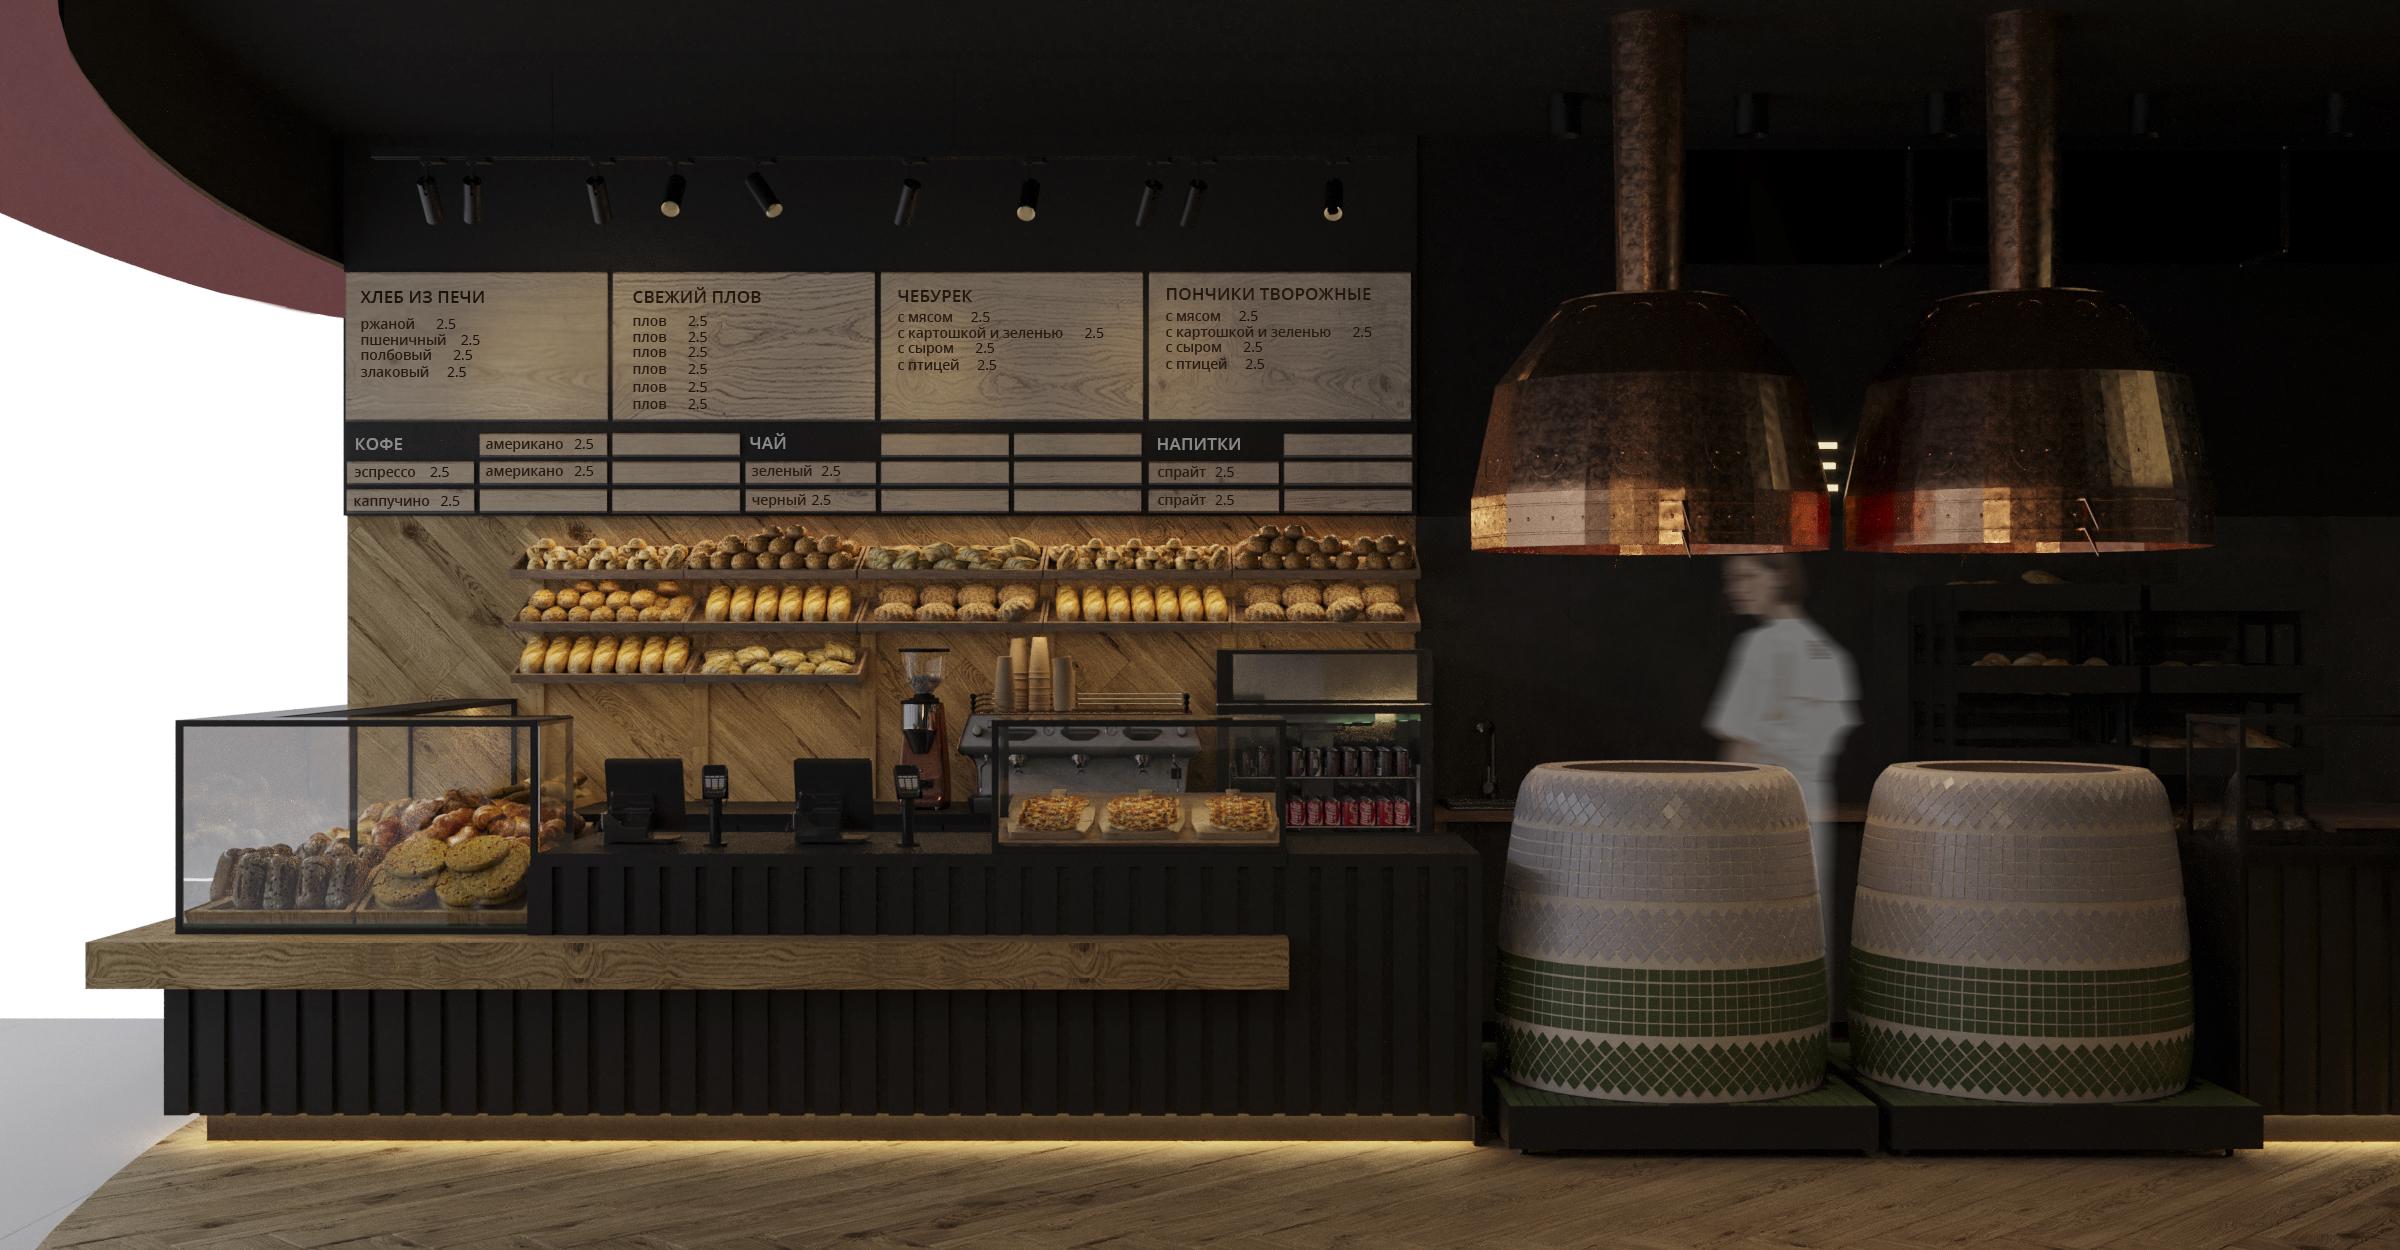 Дизайн кафе «Kinza» В ТЦ «МОМО» в Минске